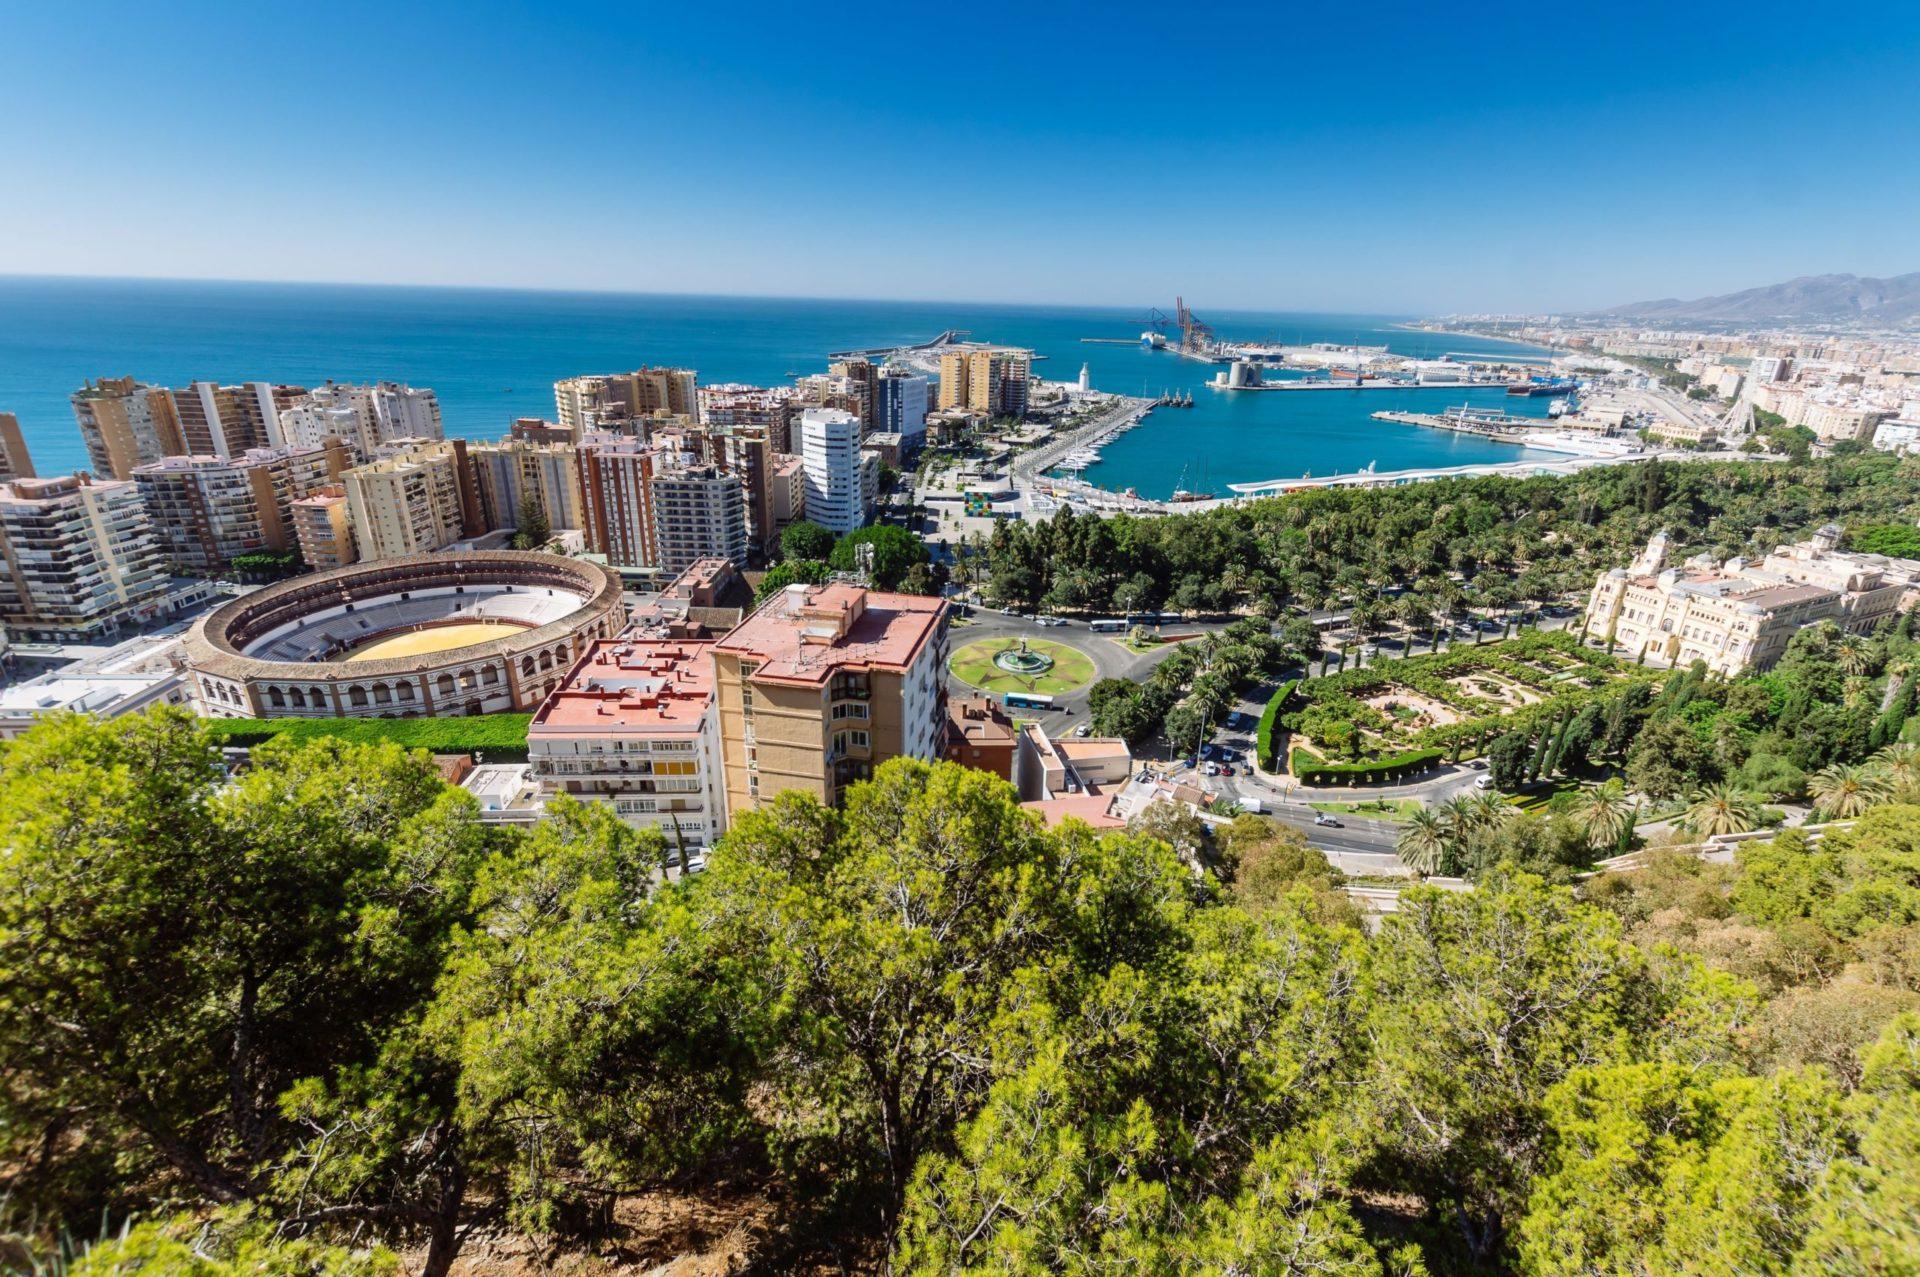 Wassertemperatur Andalusien: Blick auf das Mittelmeer, den Hafen und die Stierkampfarena von Malaga